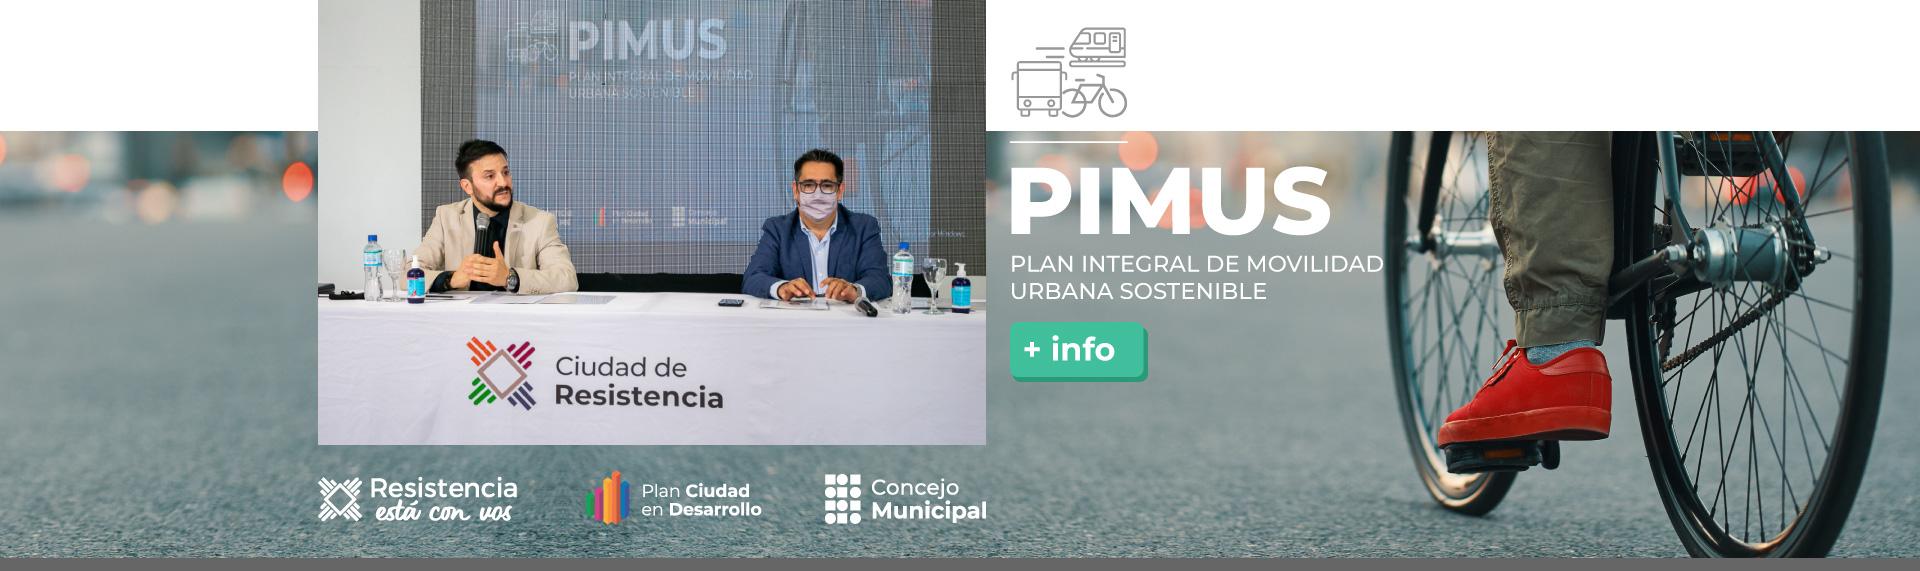 Plan Integral de Movilidad Sostenible – PIMUS